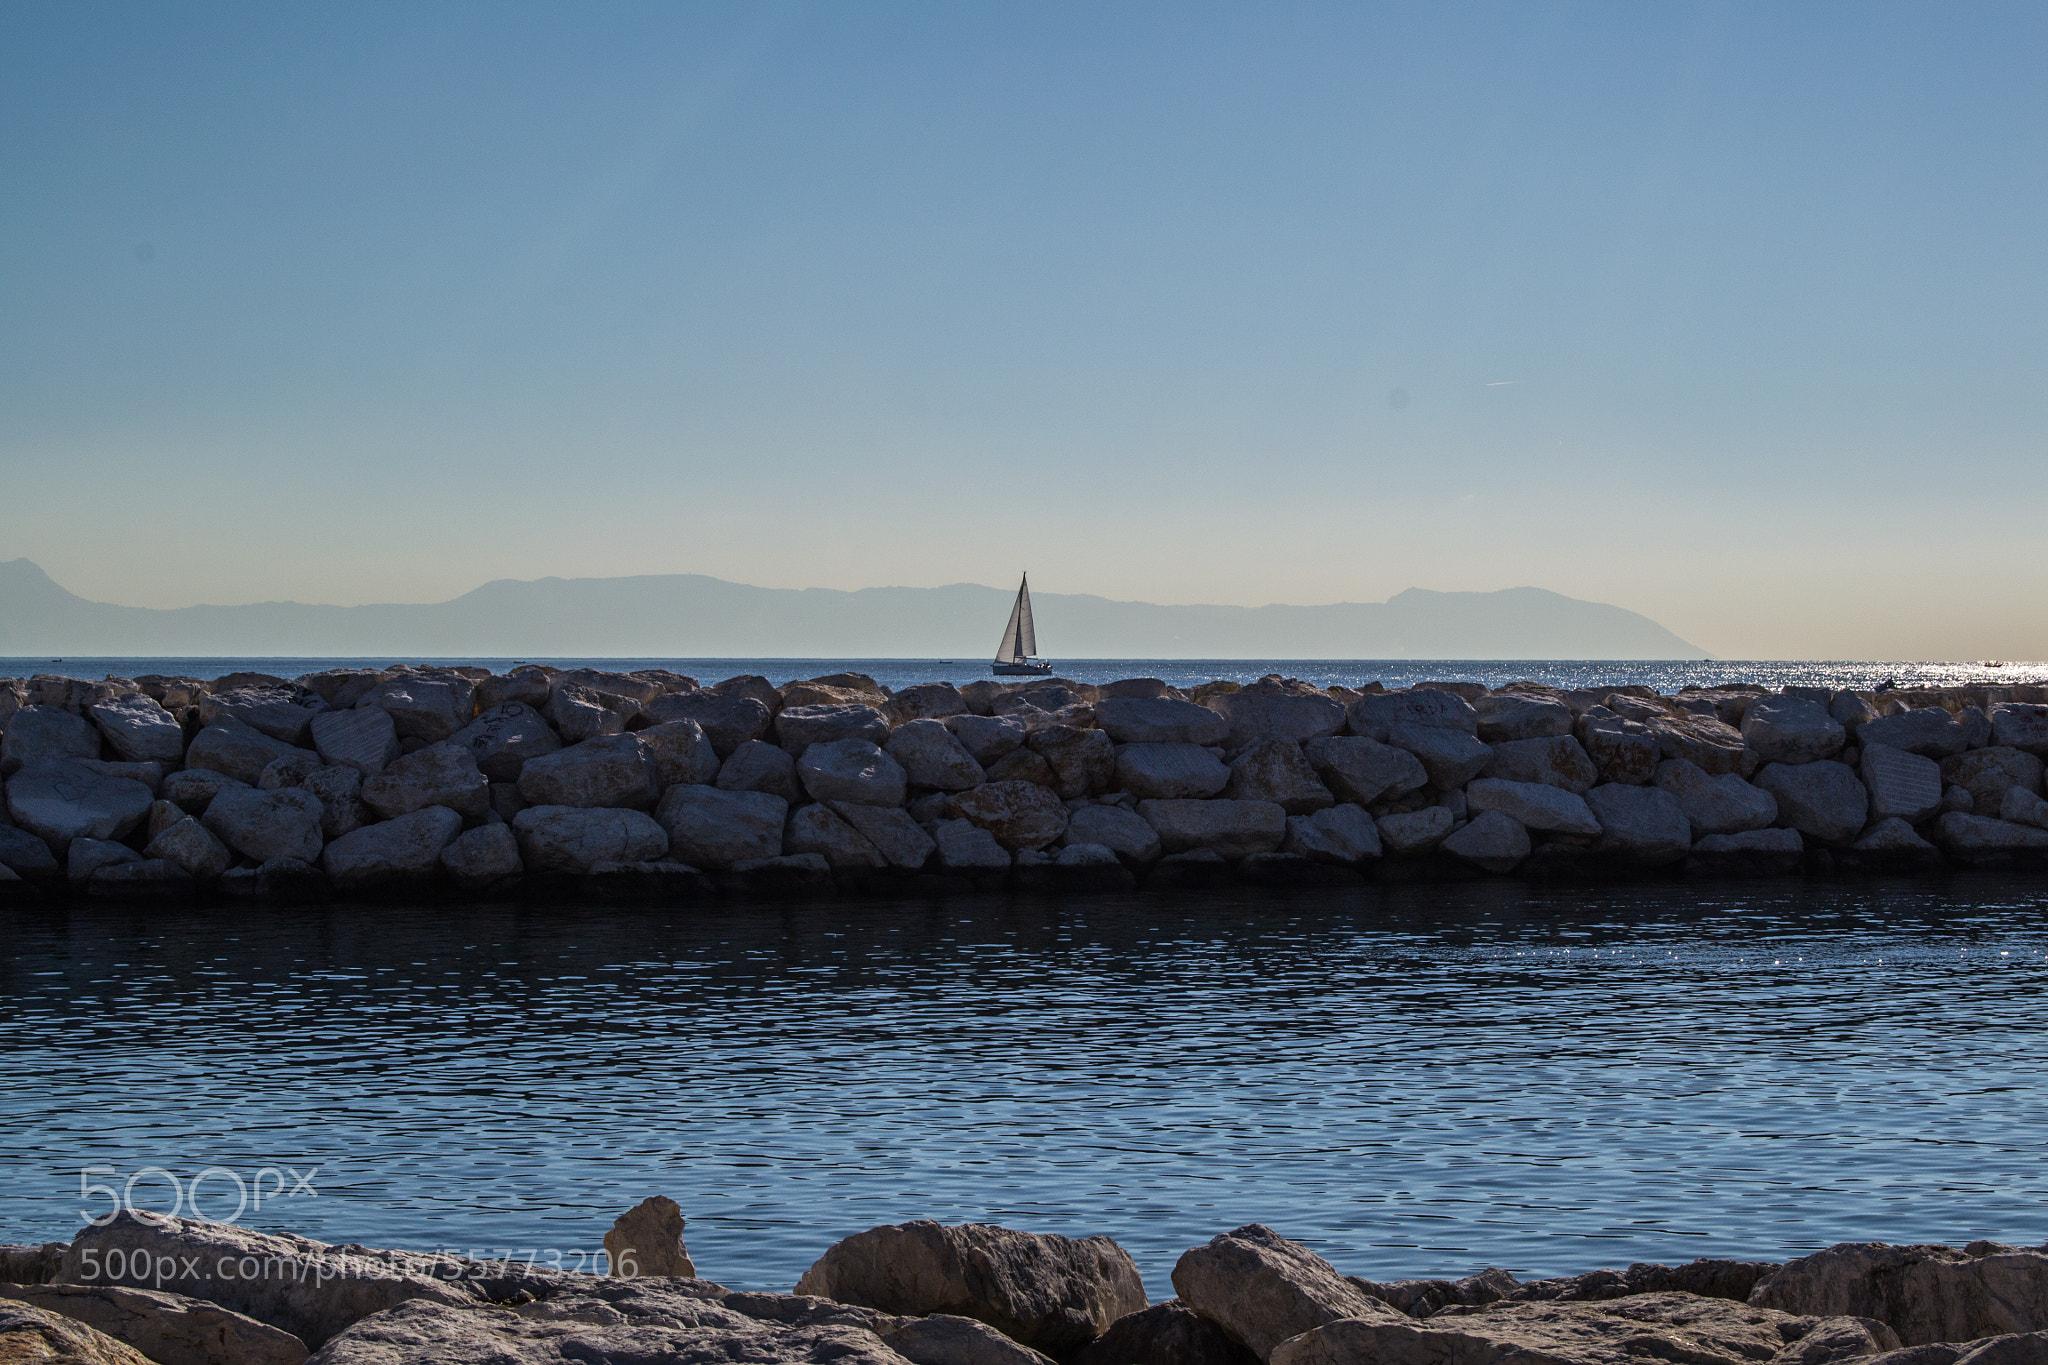 Photograph Barca a vela by Mourad Saعdi on 500px